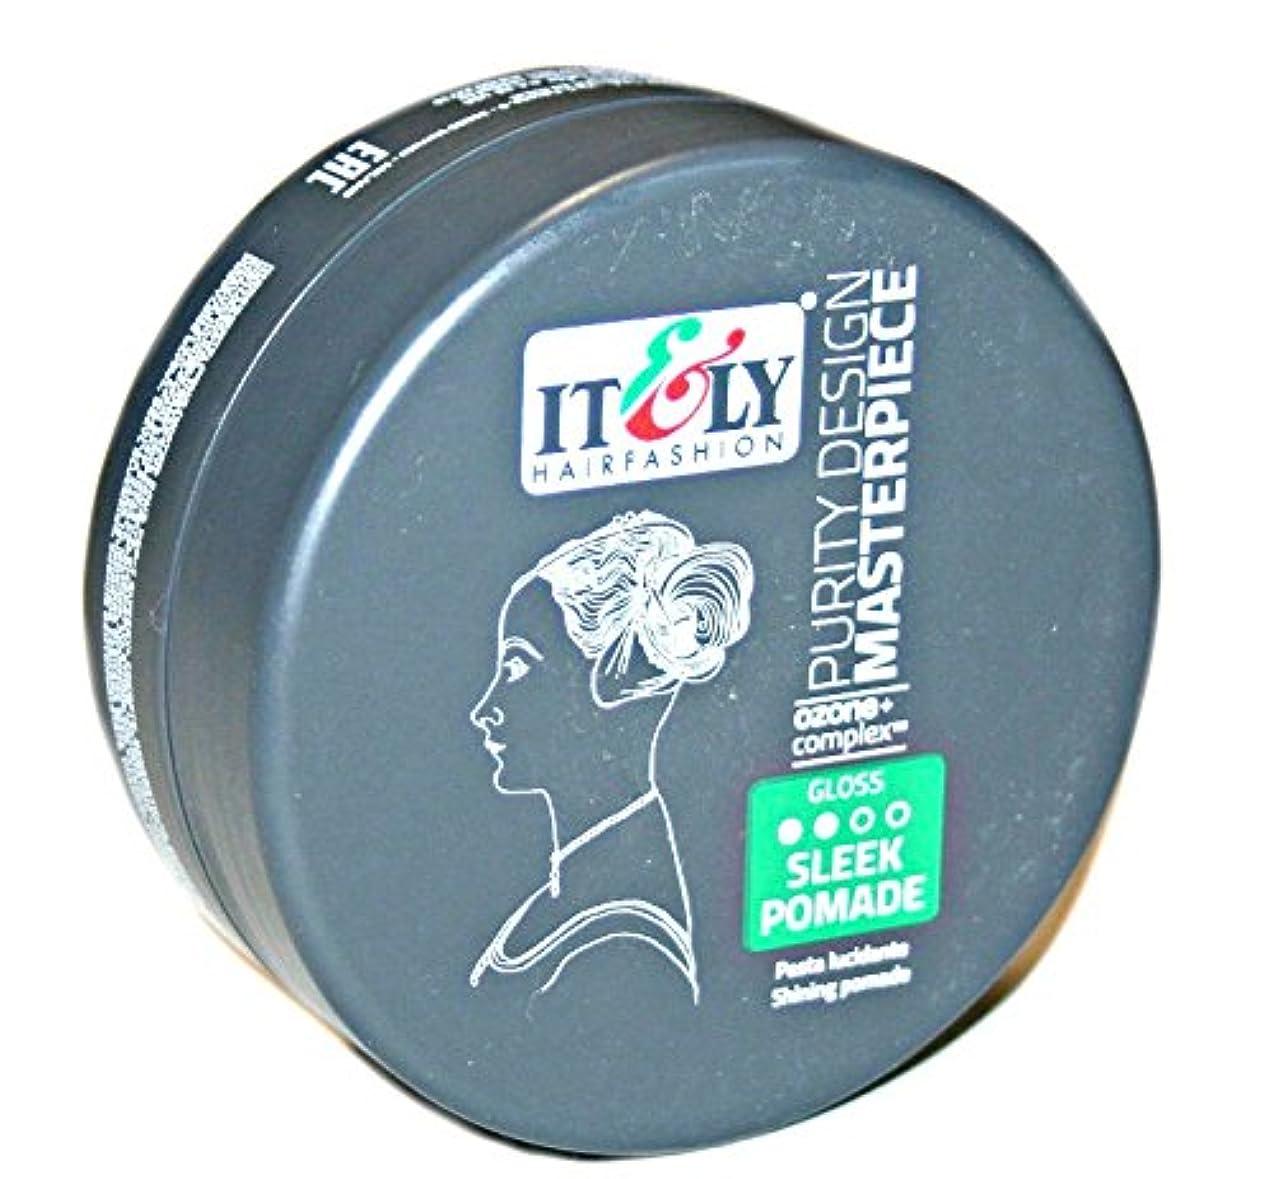 徹底叱る判読できないIT&LY Hair Fashion それ&LYマスターピースなめらかシャイニングポマード、3.38液量オンス